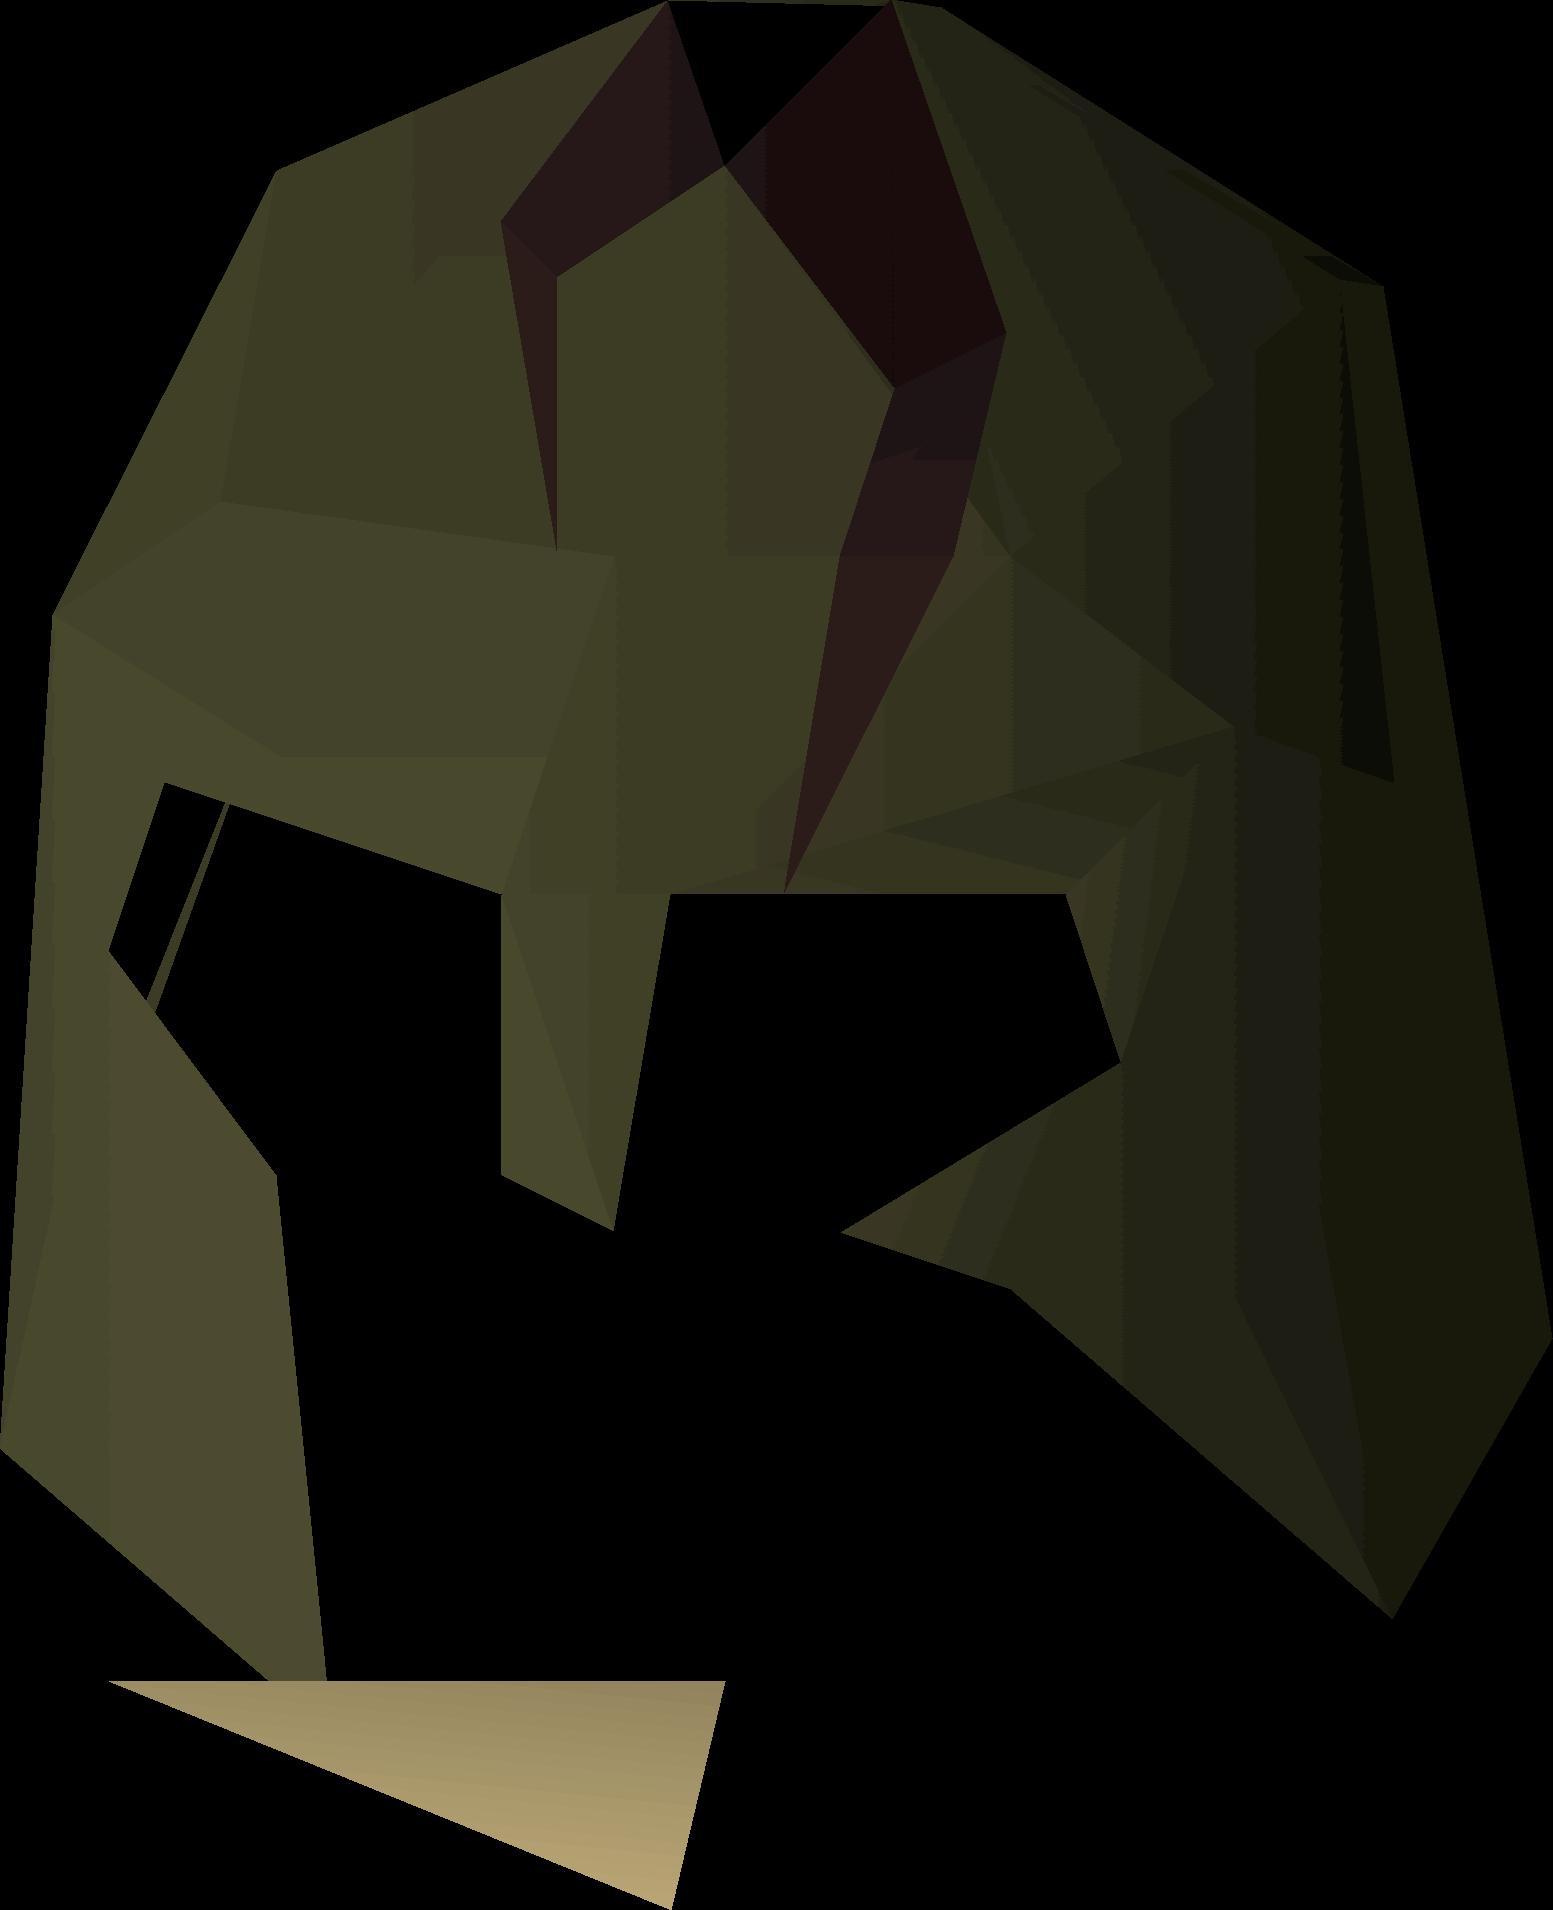 Dharok's helm | Old School RuneScape Wiki | FANDOM powered by Wikia